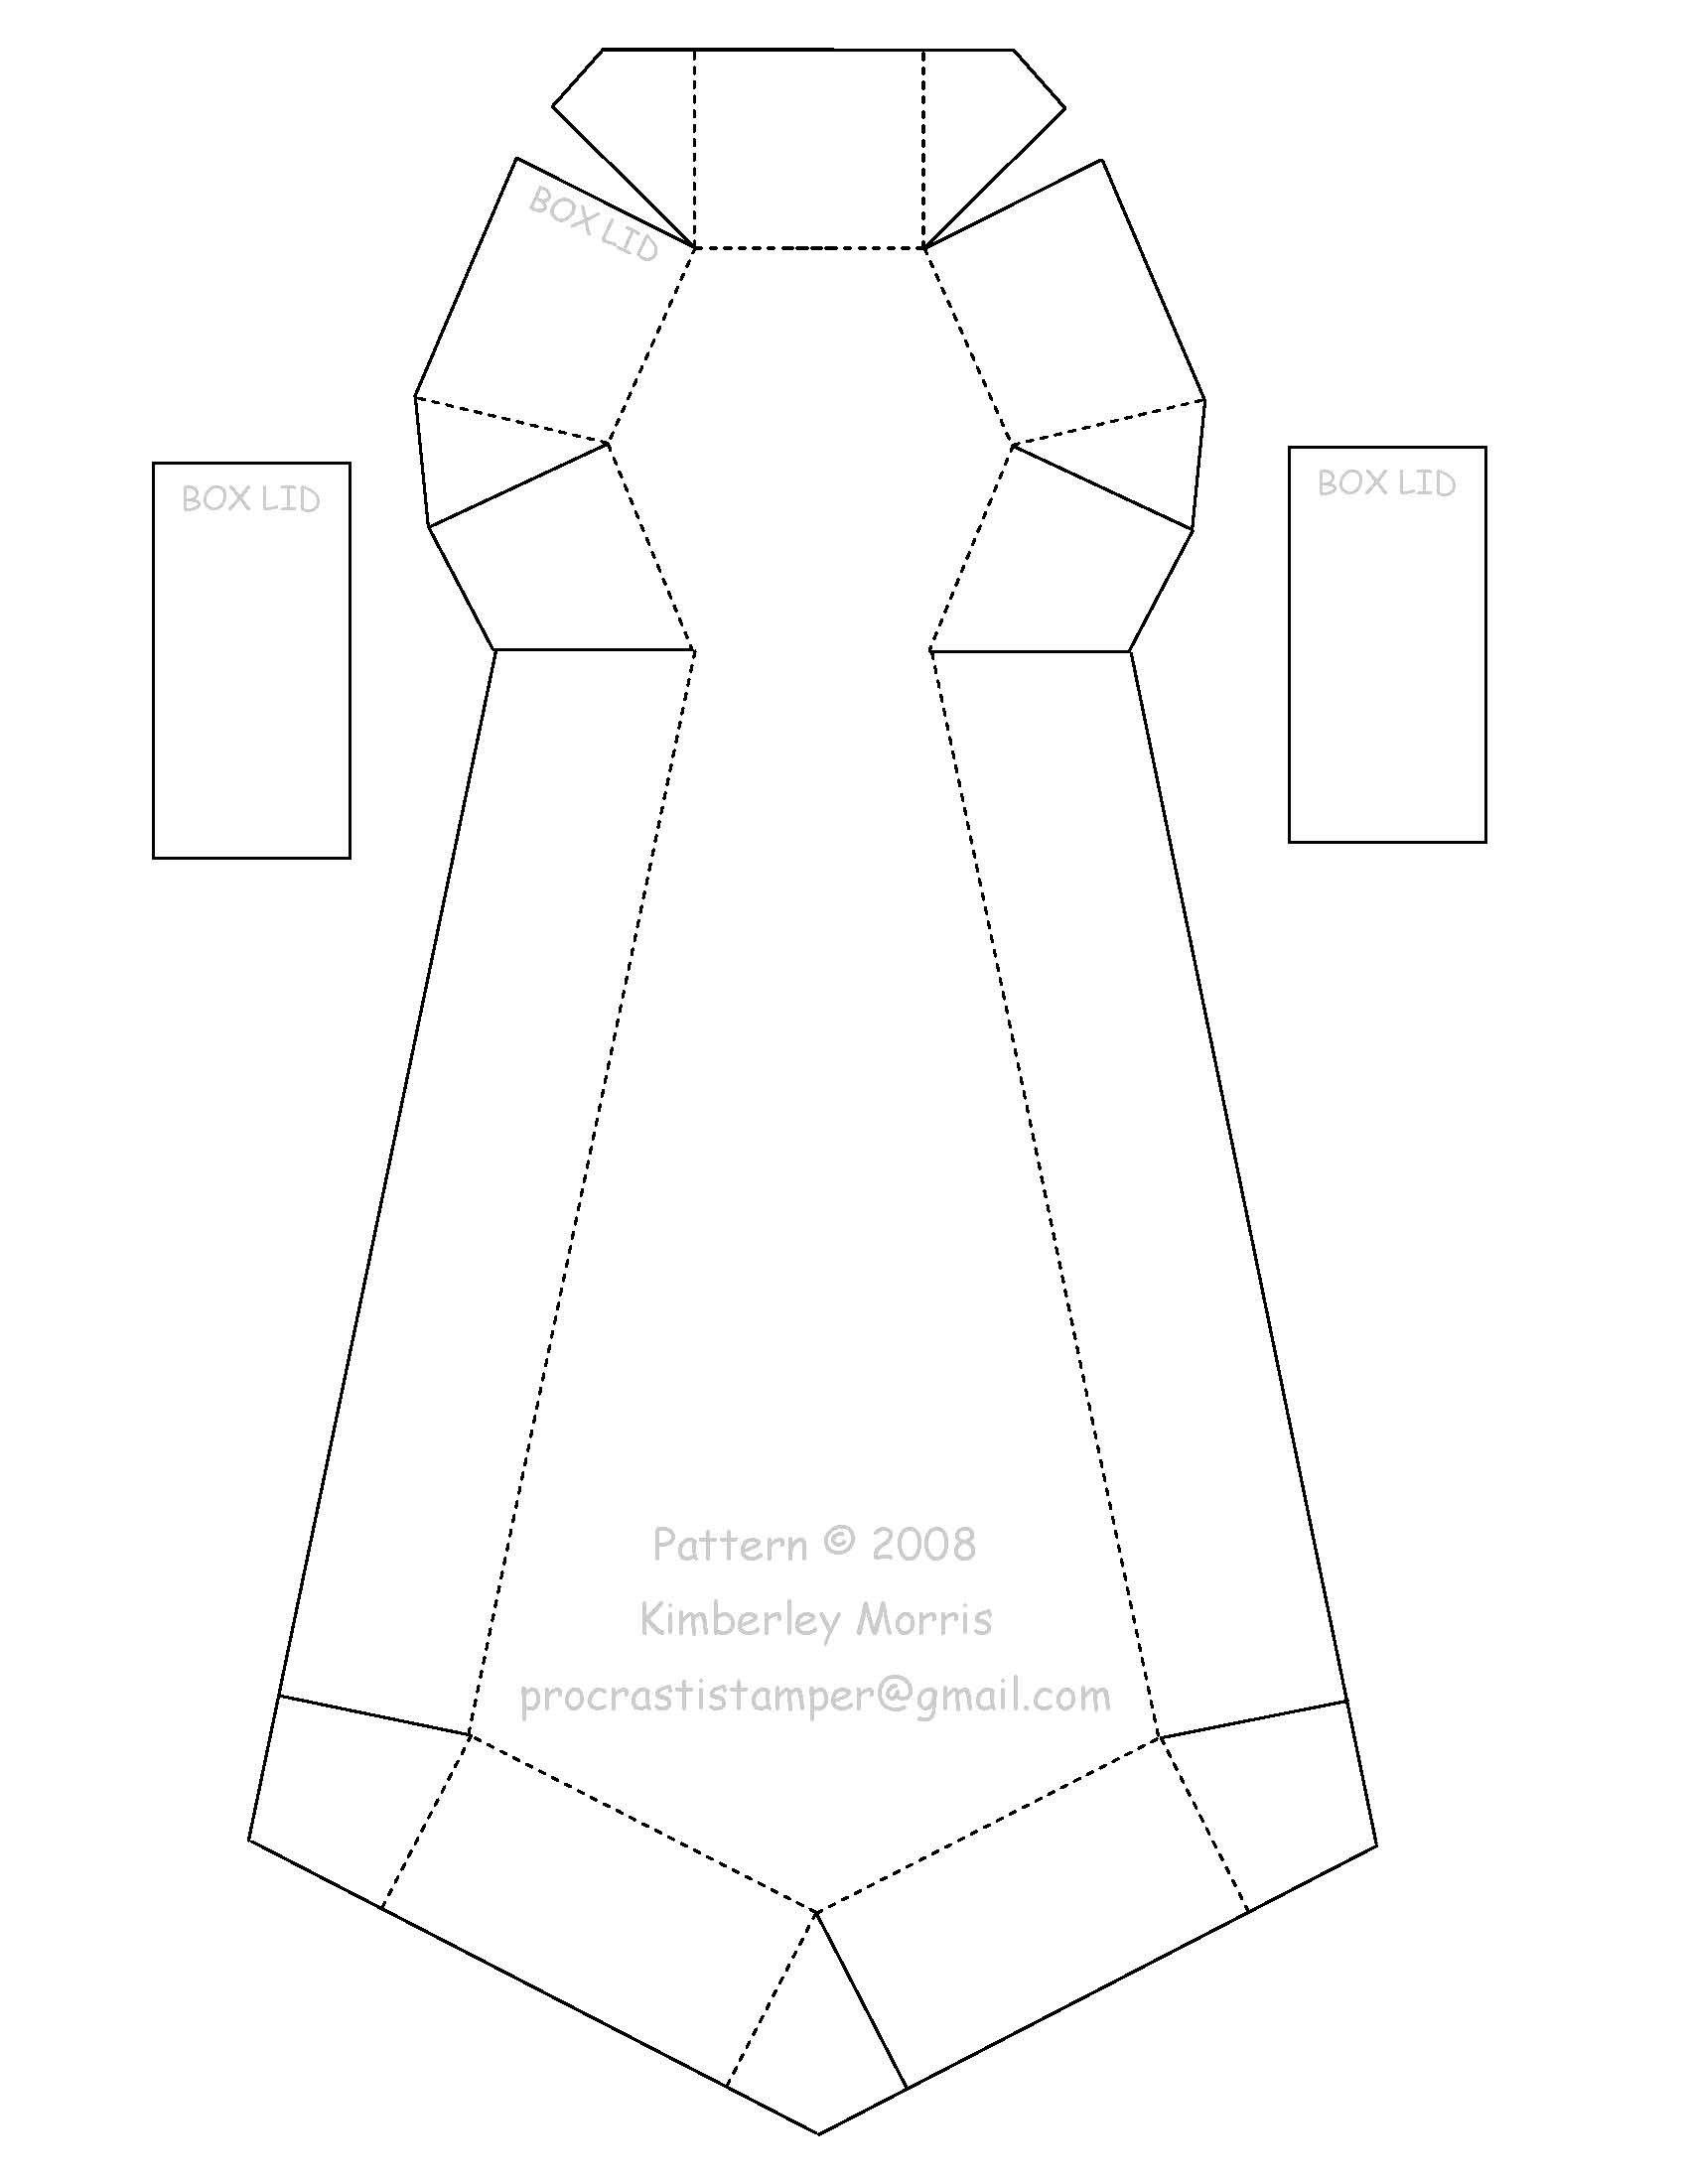 moldes de cajas corbata - Buscar con Google | ideas para regalar ...